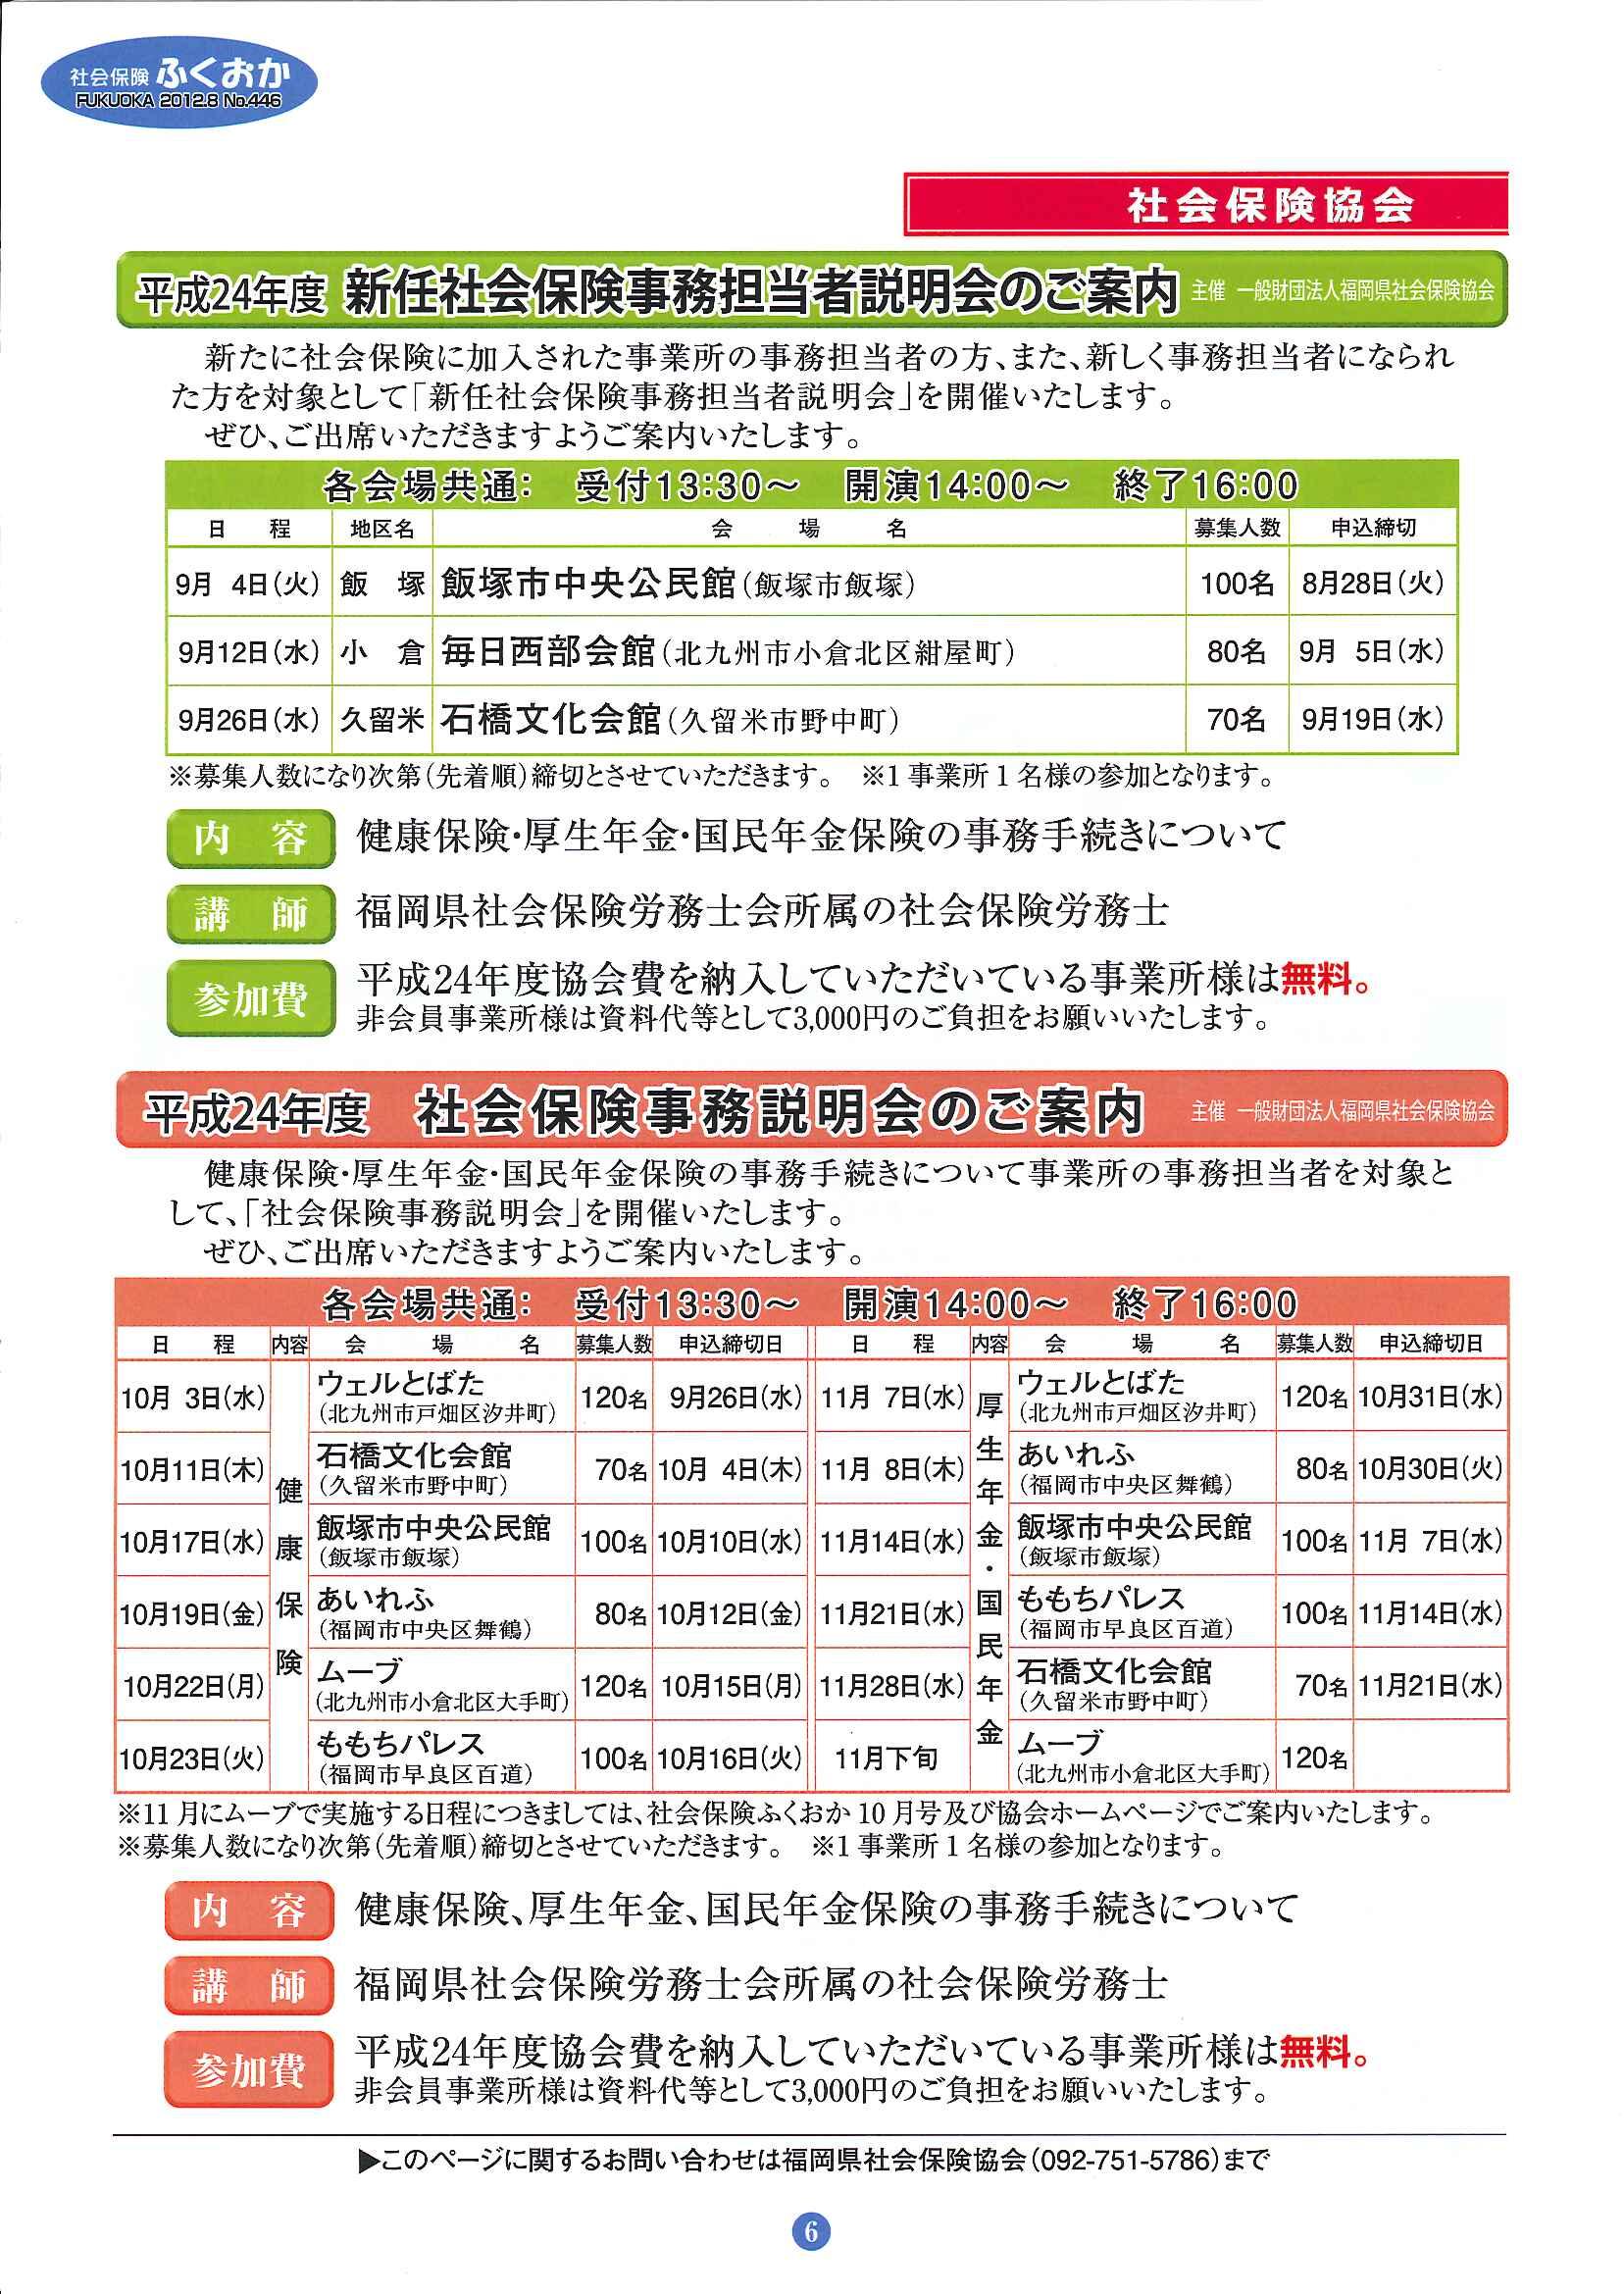 社会保険 ふくおか 2012 8月号_f0120774_14494663.jpg